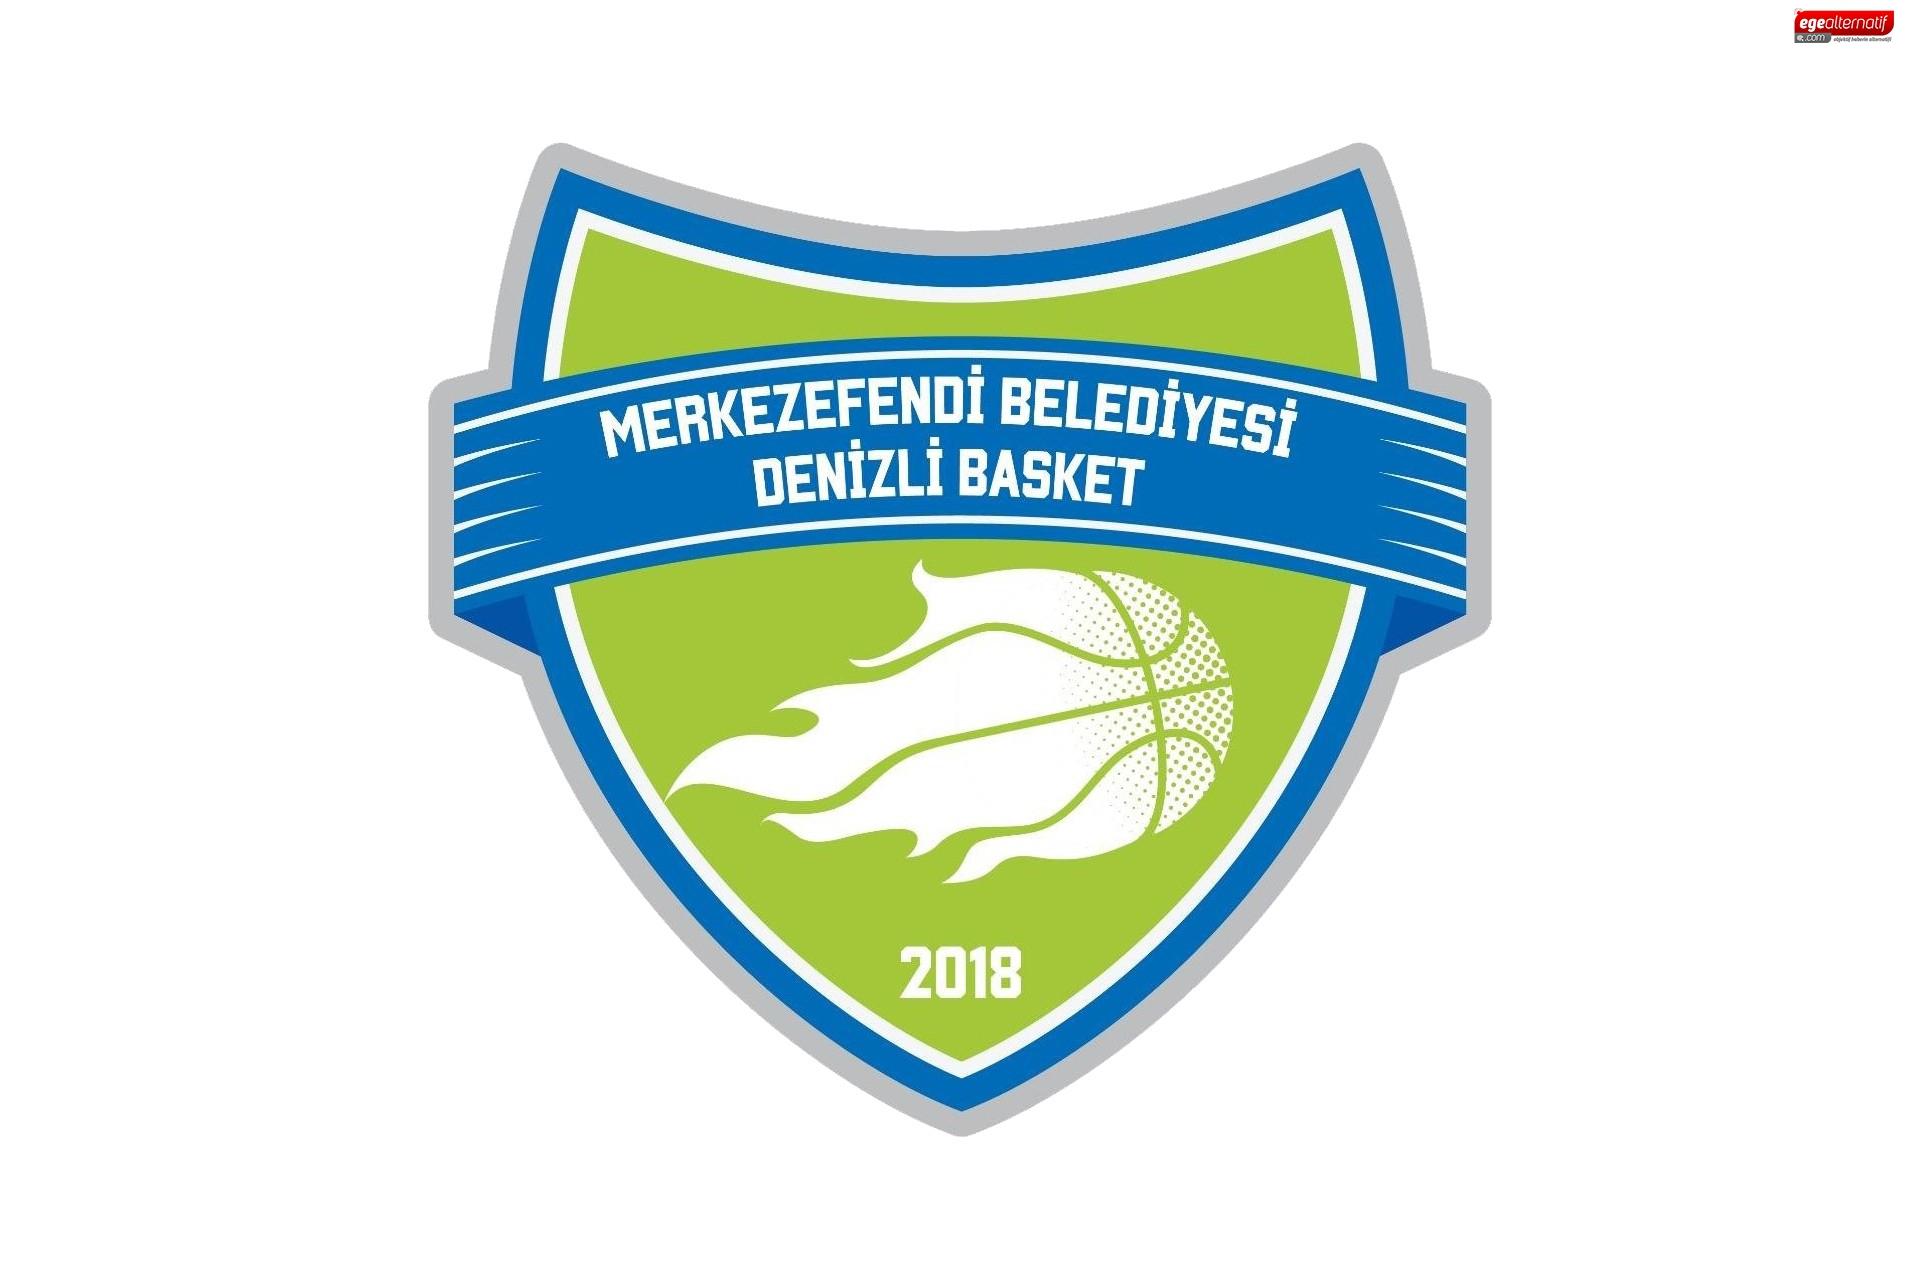 Denizli Basket'in Basketbol Süper Lig'e katılma başvurusu TBF tarafından reddedildi